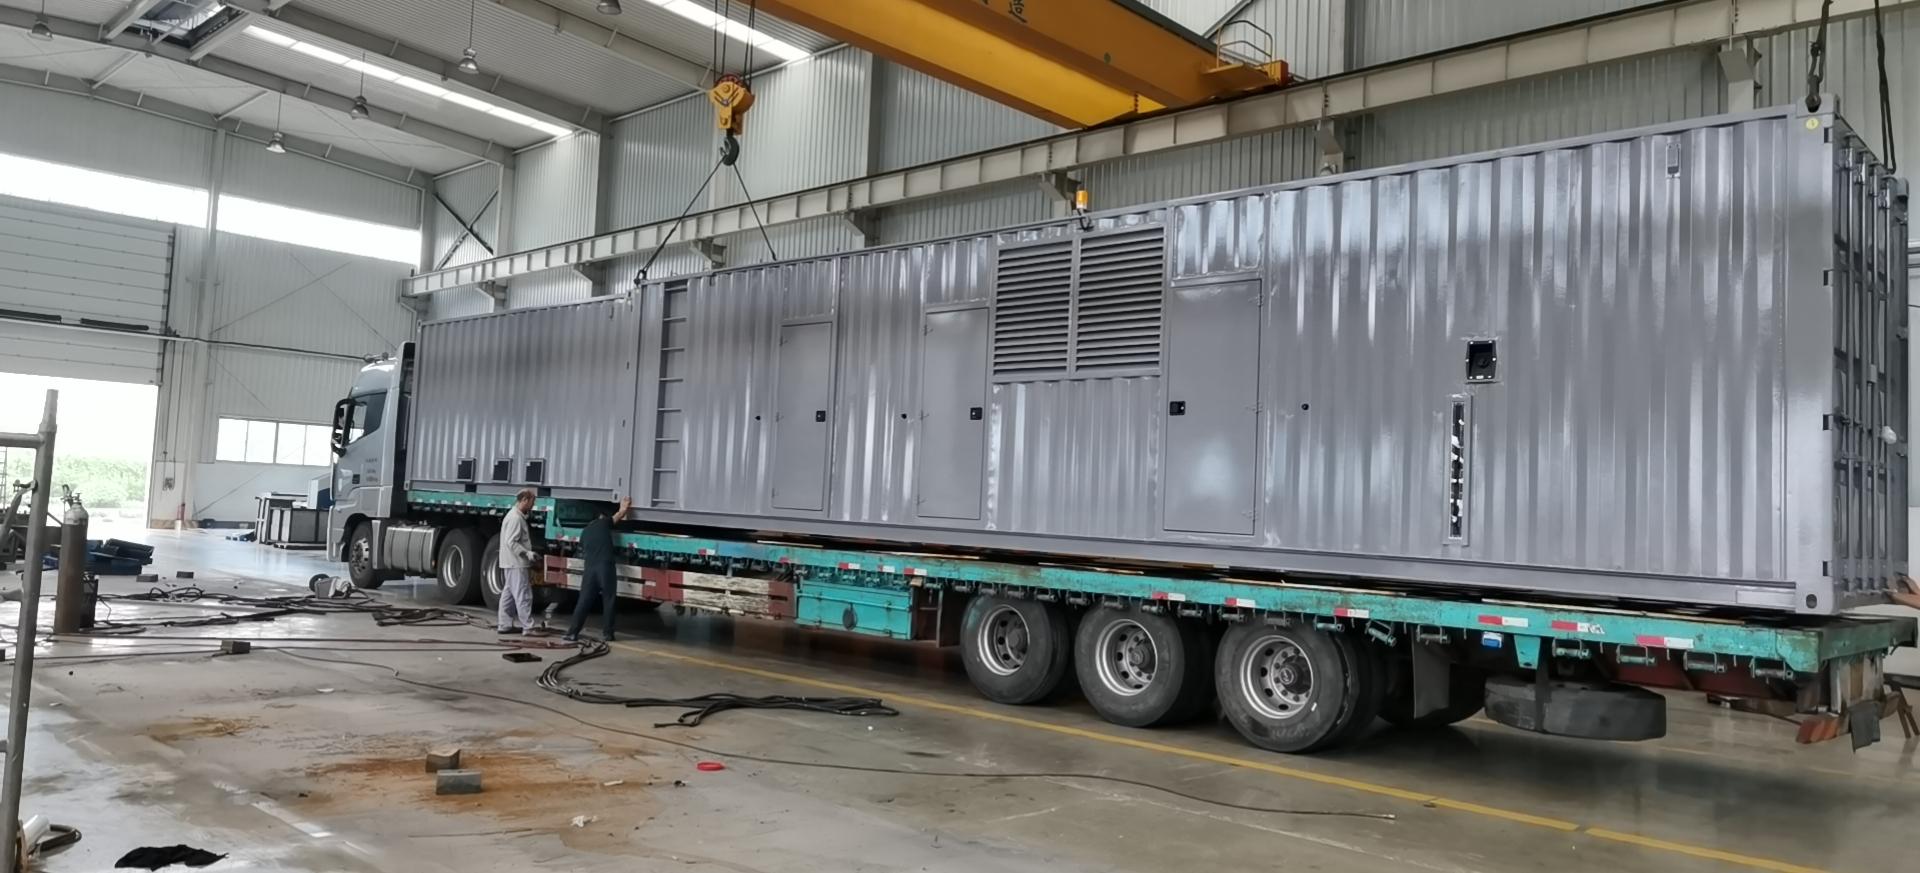 1200KW玉柴集装箱式柴油发电机组现场完美交付